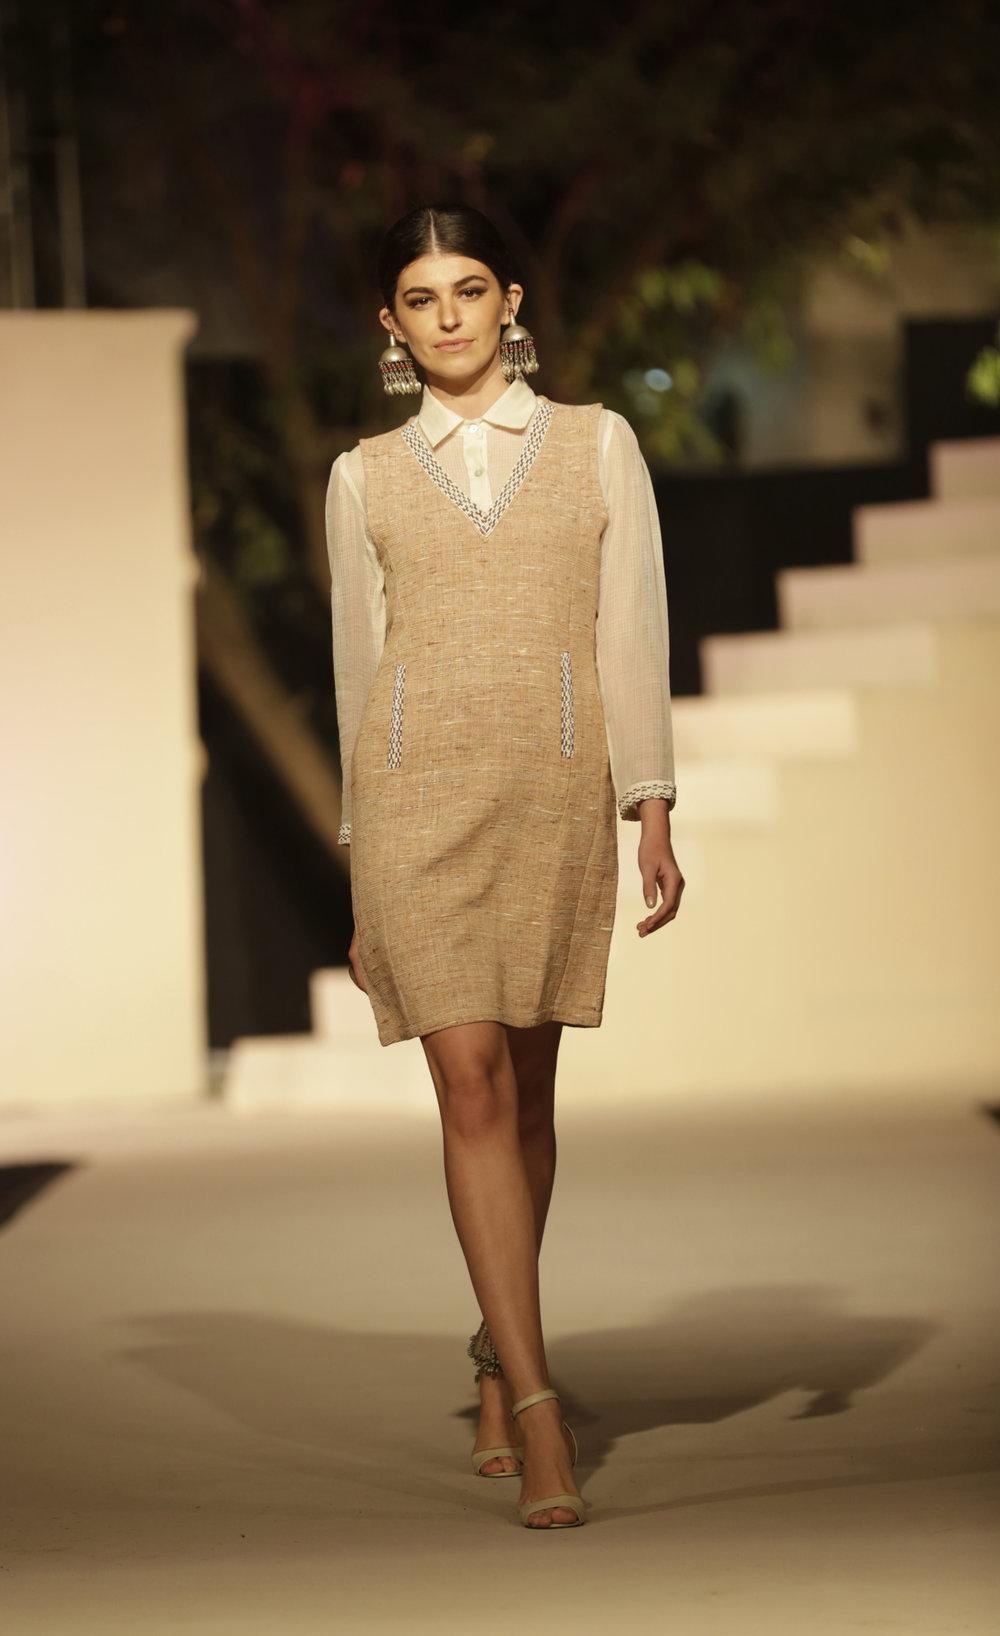 RH0101 Shirt   RH0102 Dress